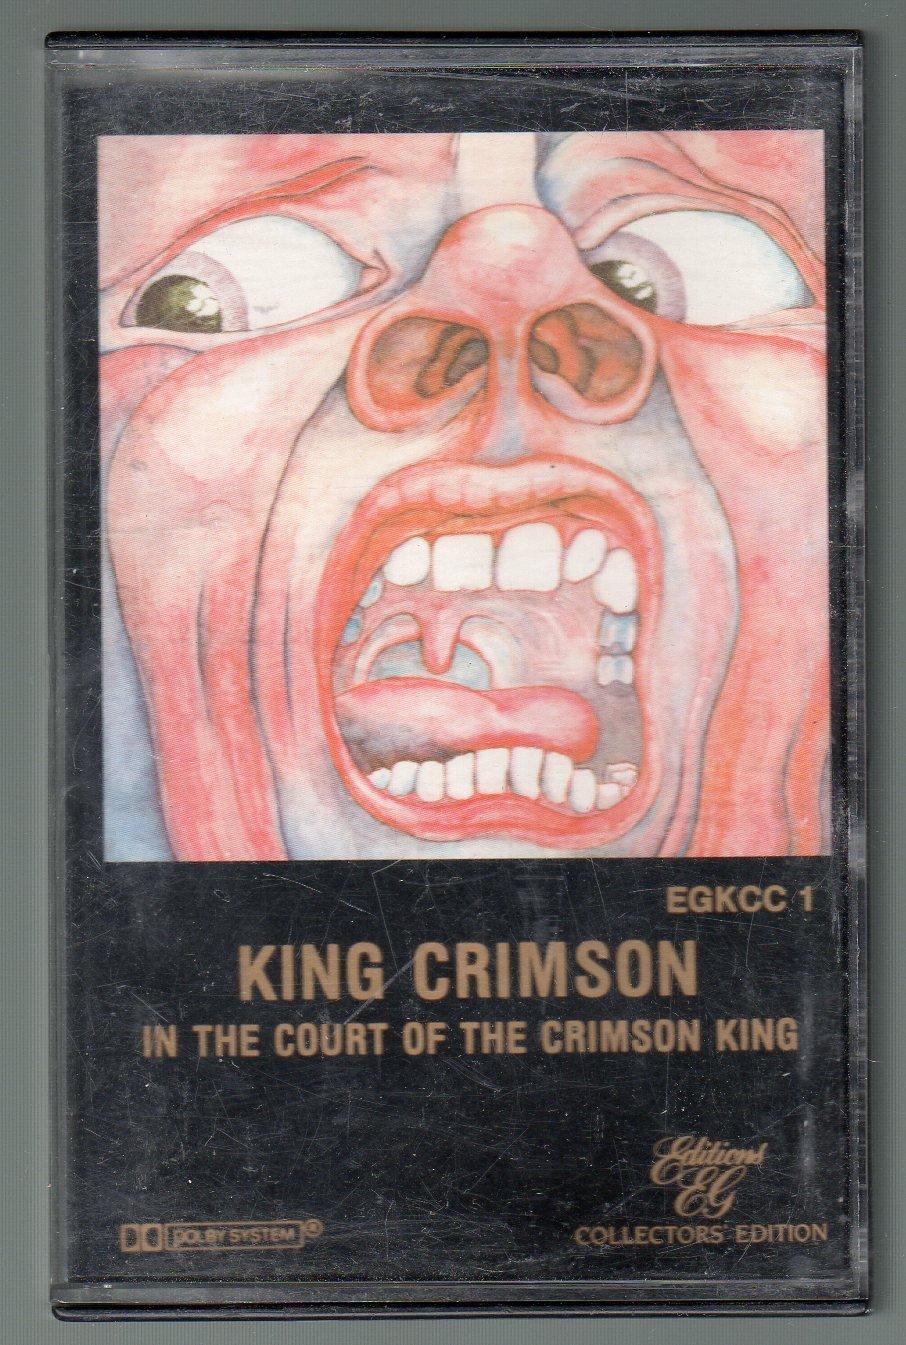 King Crimson - In The Court Of The Crimson King Cassette Tape